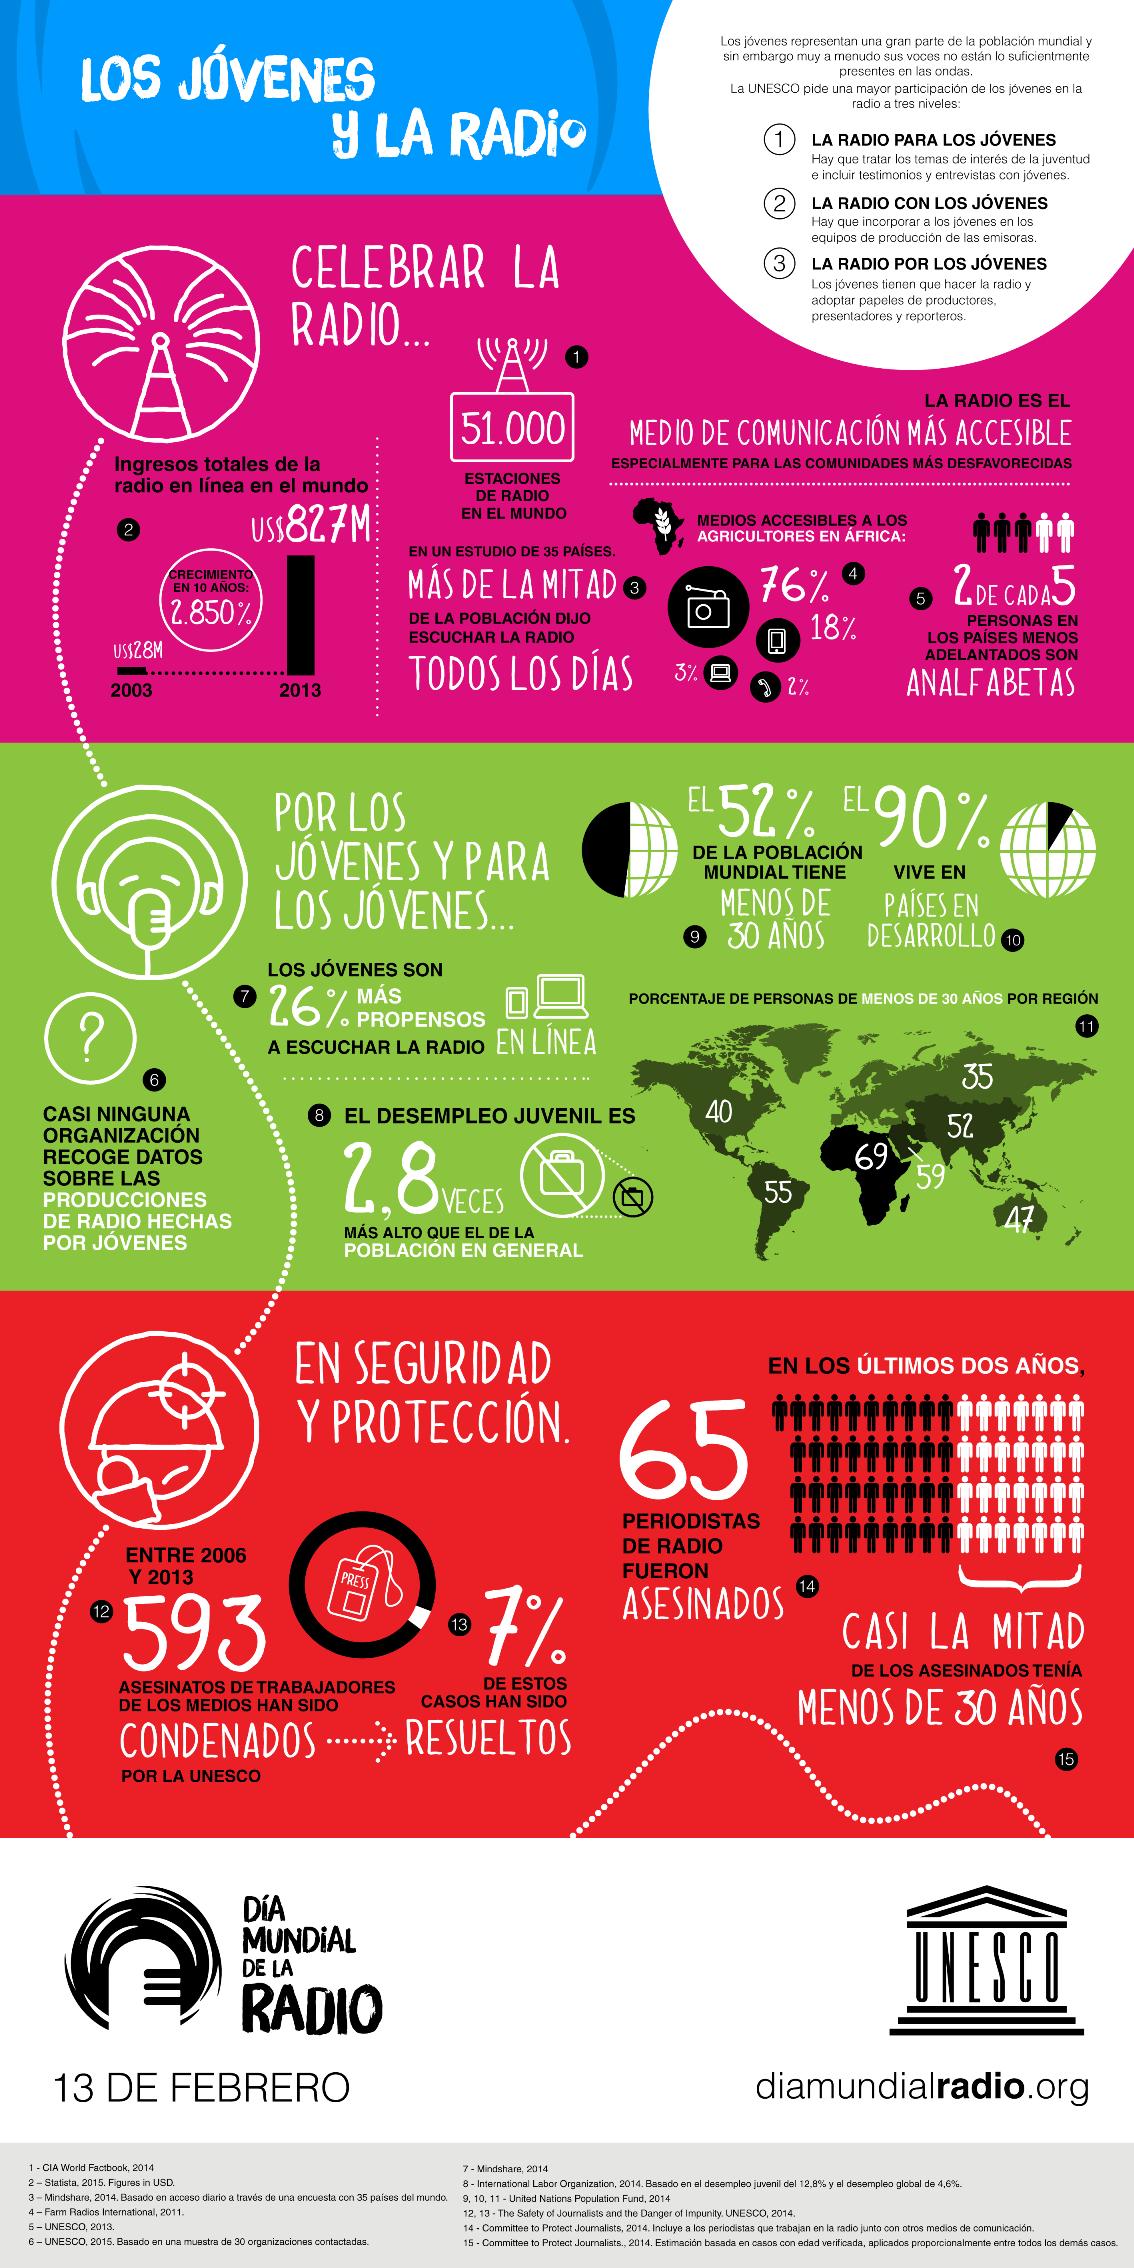 Infografía: Los jóvenes y la radio | Día Mundial de la Radio 2015